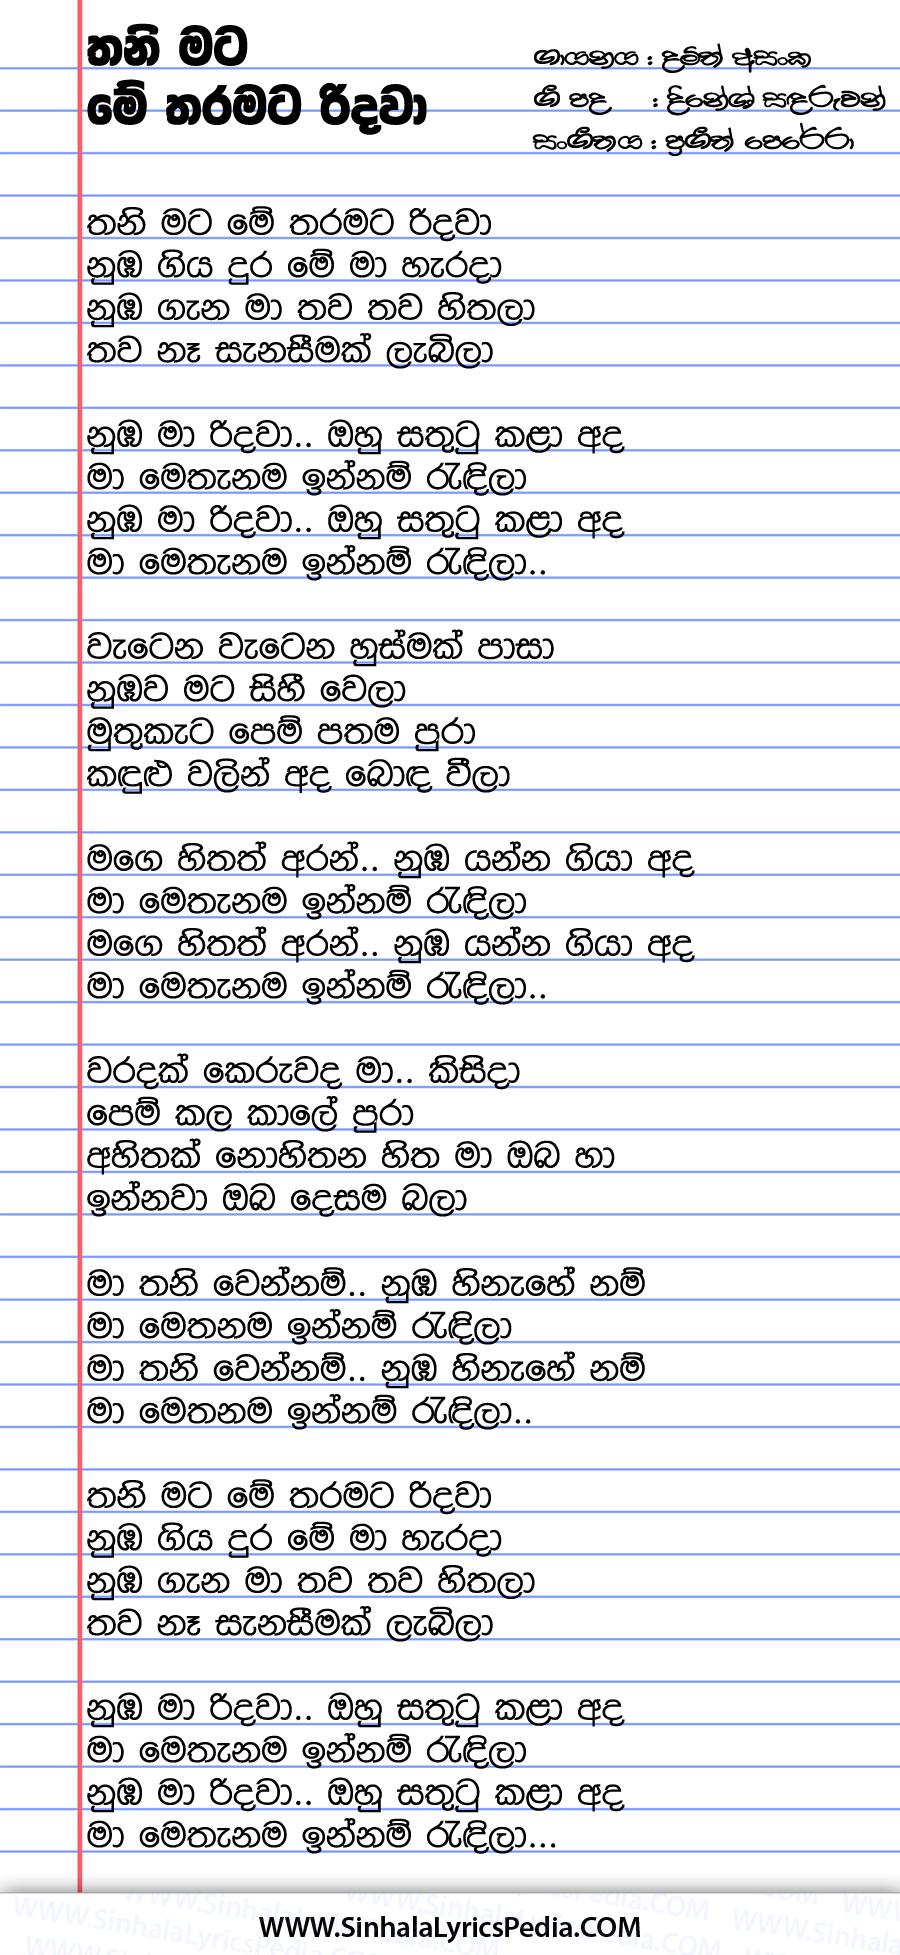 Thani Mata Me Tharamata Ridawa Song Lyrics